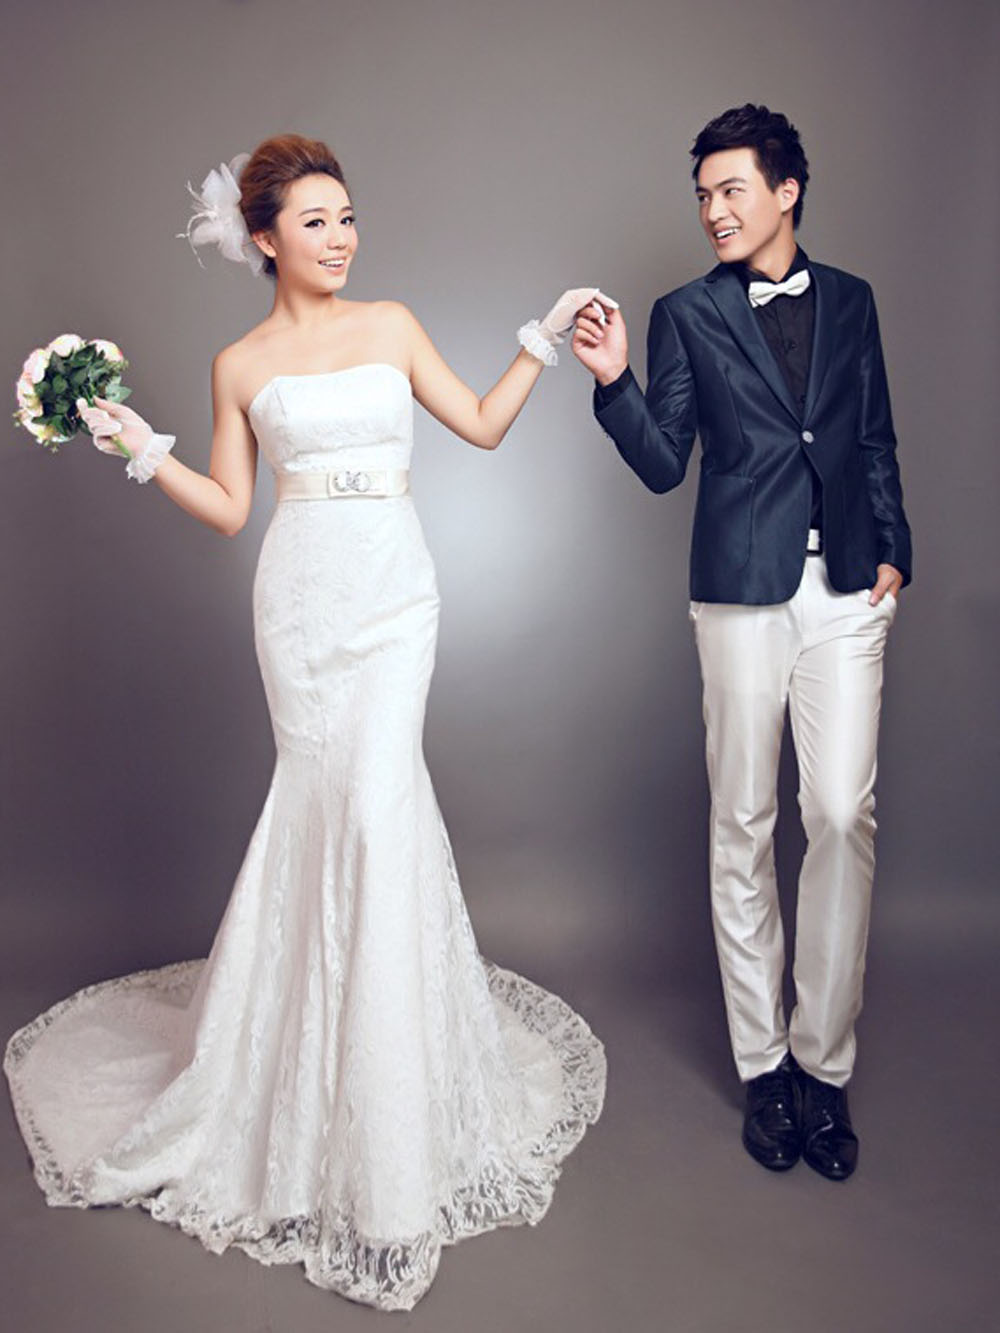 纯背景韩式婚纱照